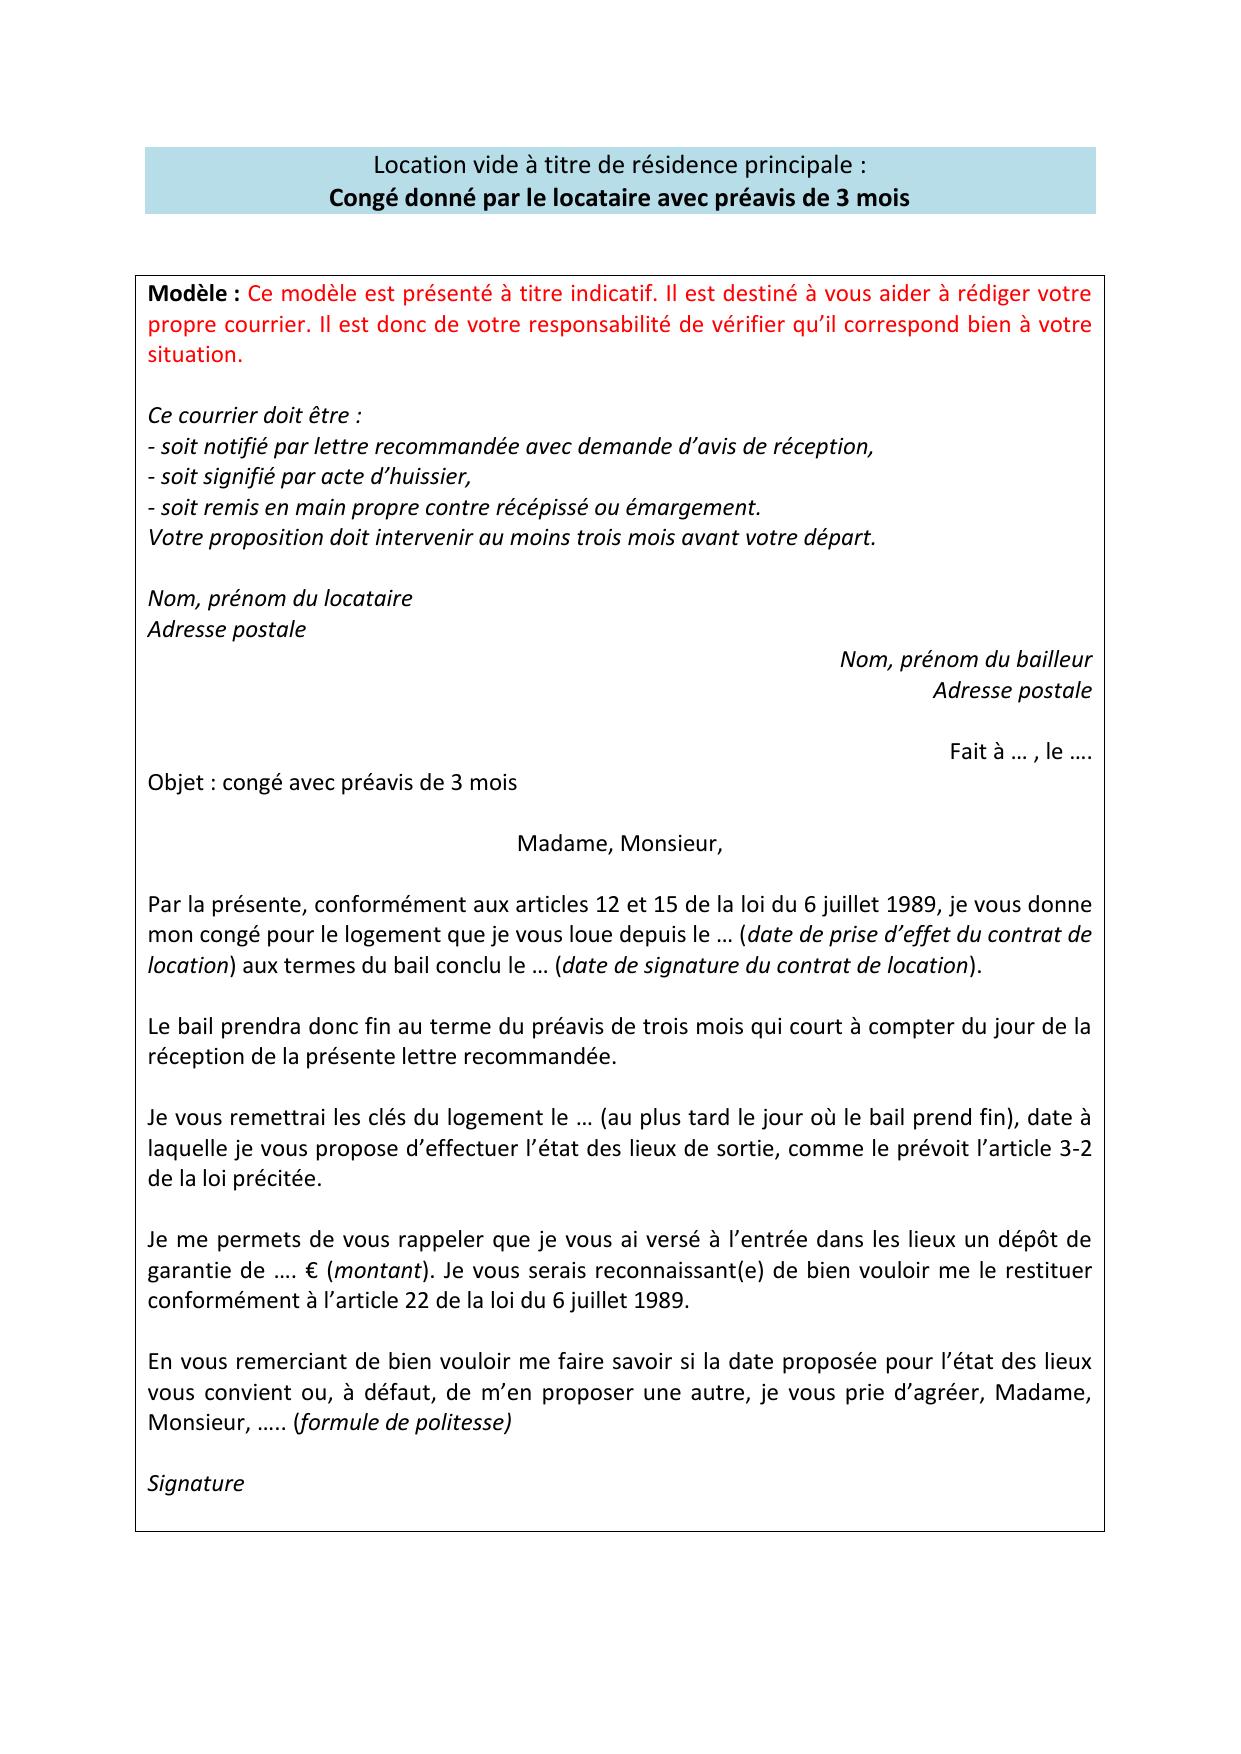 Location vide : Modèle de lettre Congé avec préavis réduit à 3 mois